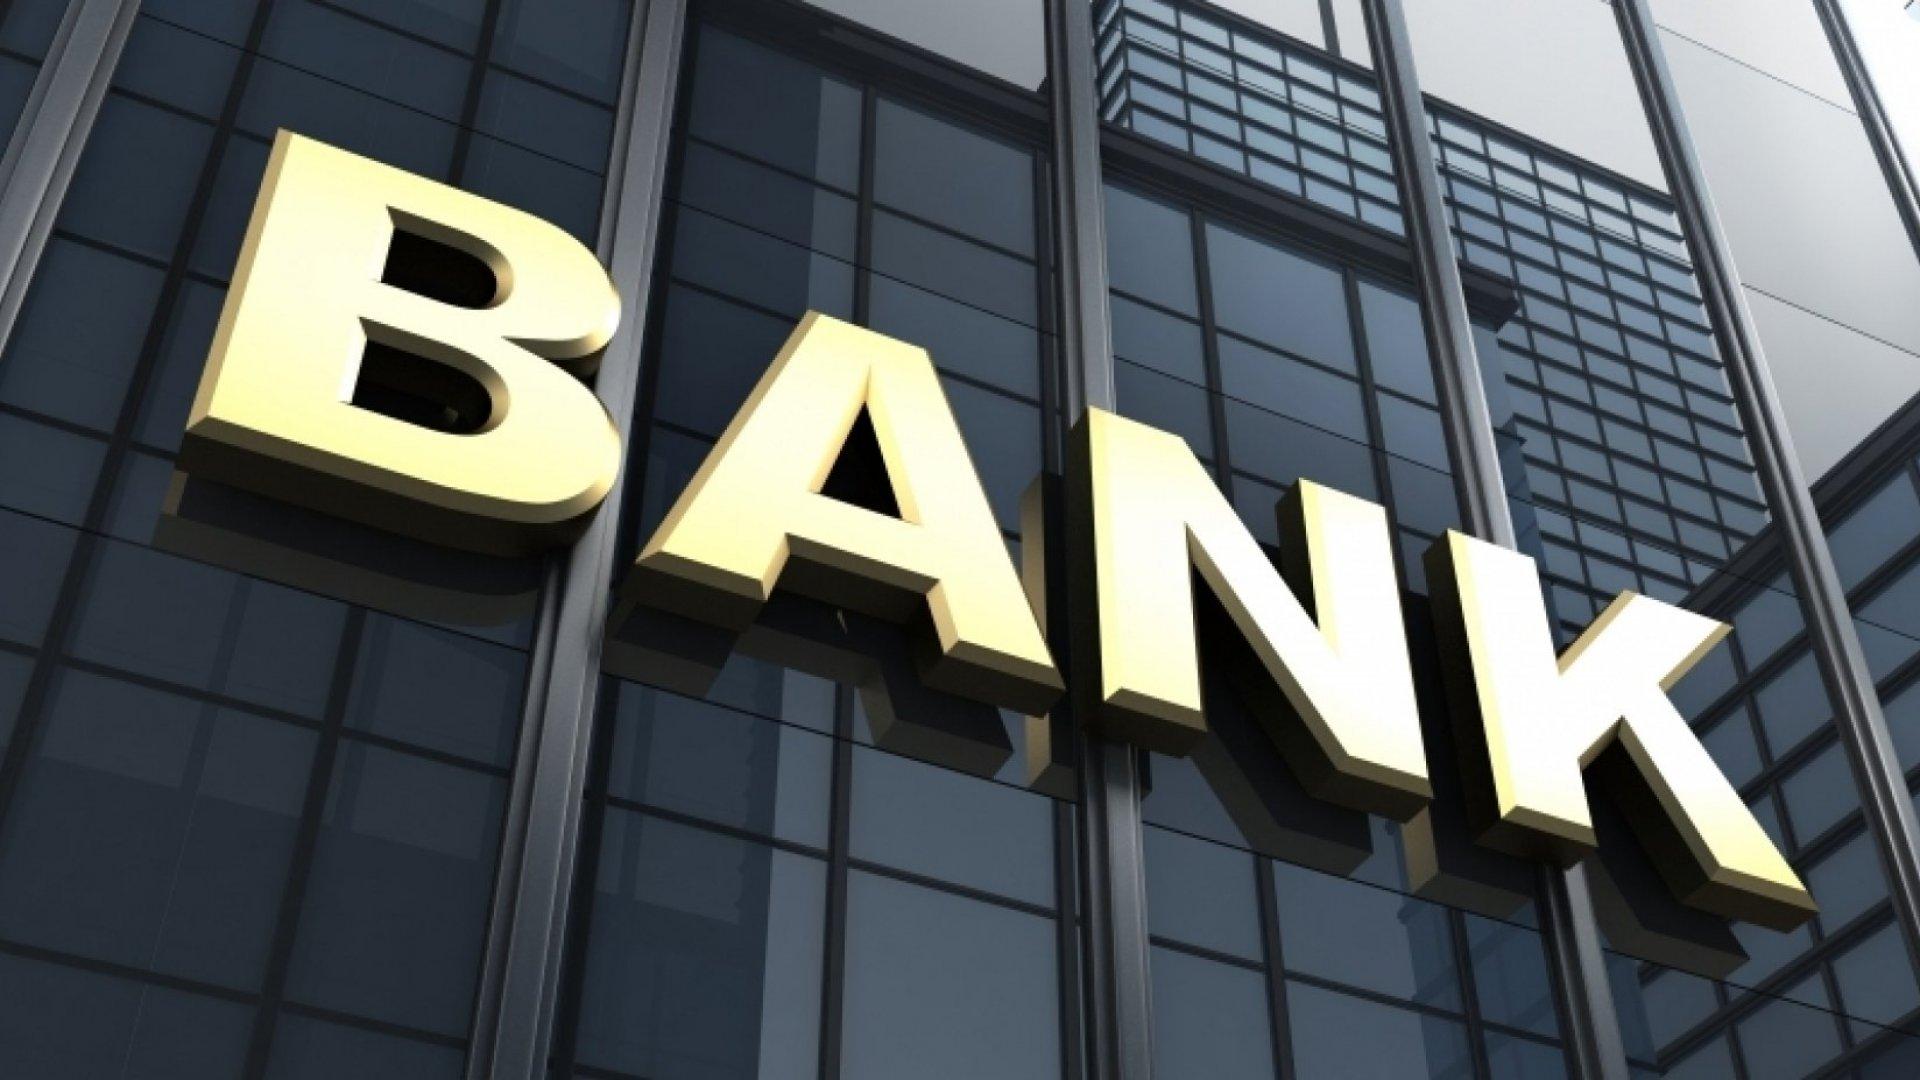 बैंकों में दो दिन की छुट्टी के बाद दो दिन की हड़ताल : 10 लाख बैंककर्मी शामिल, सेवाएं होंगी बाधित